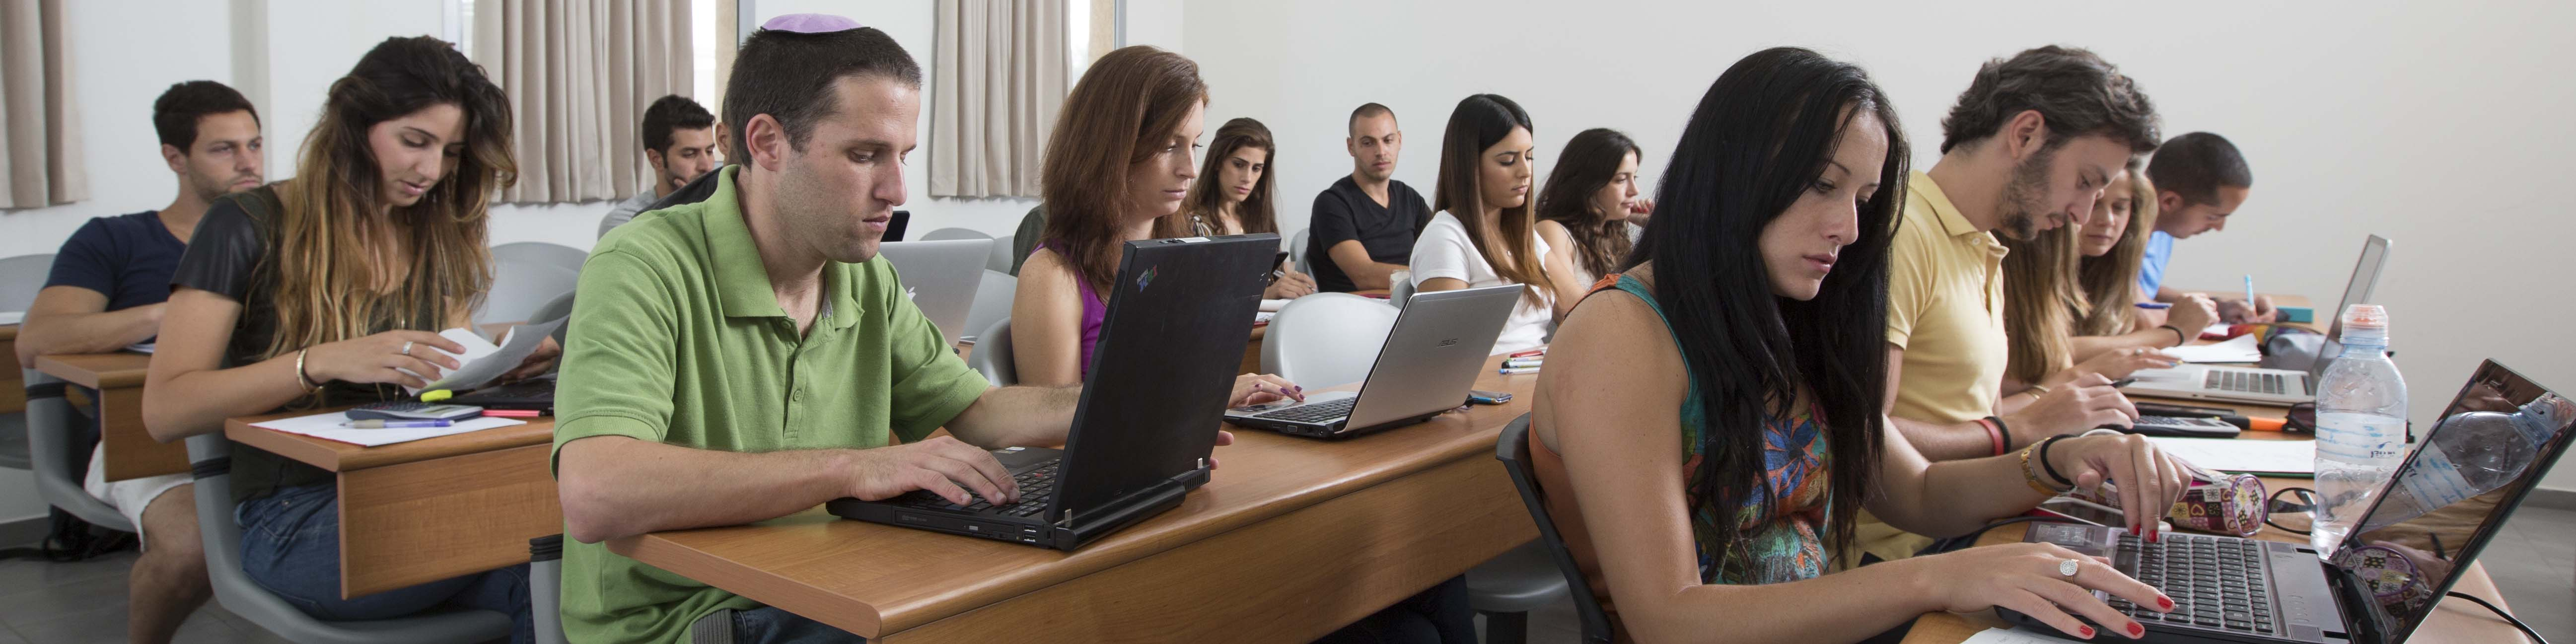 סטודנטים להנדסה במהלך שיעור